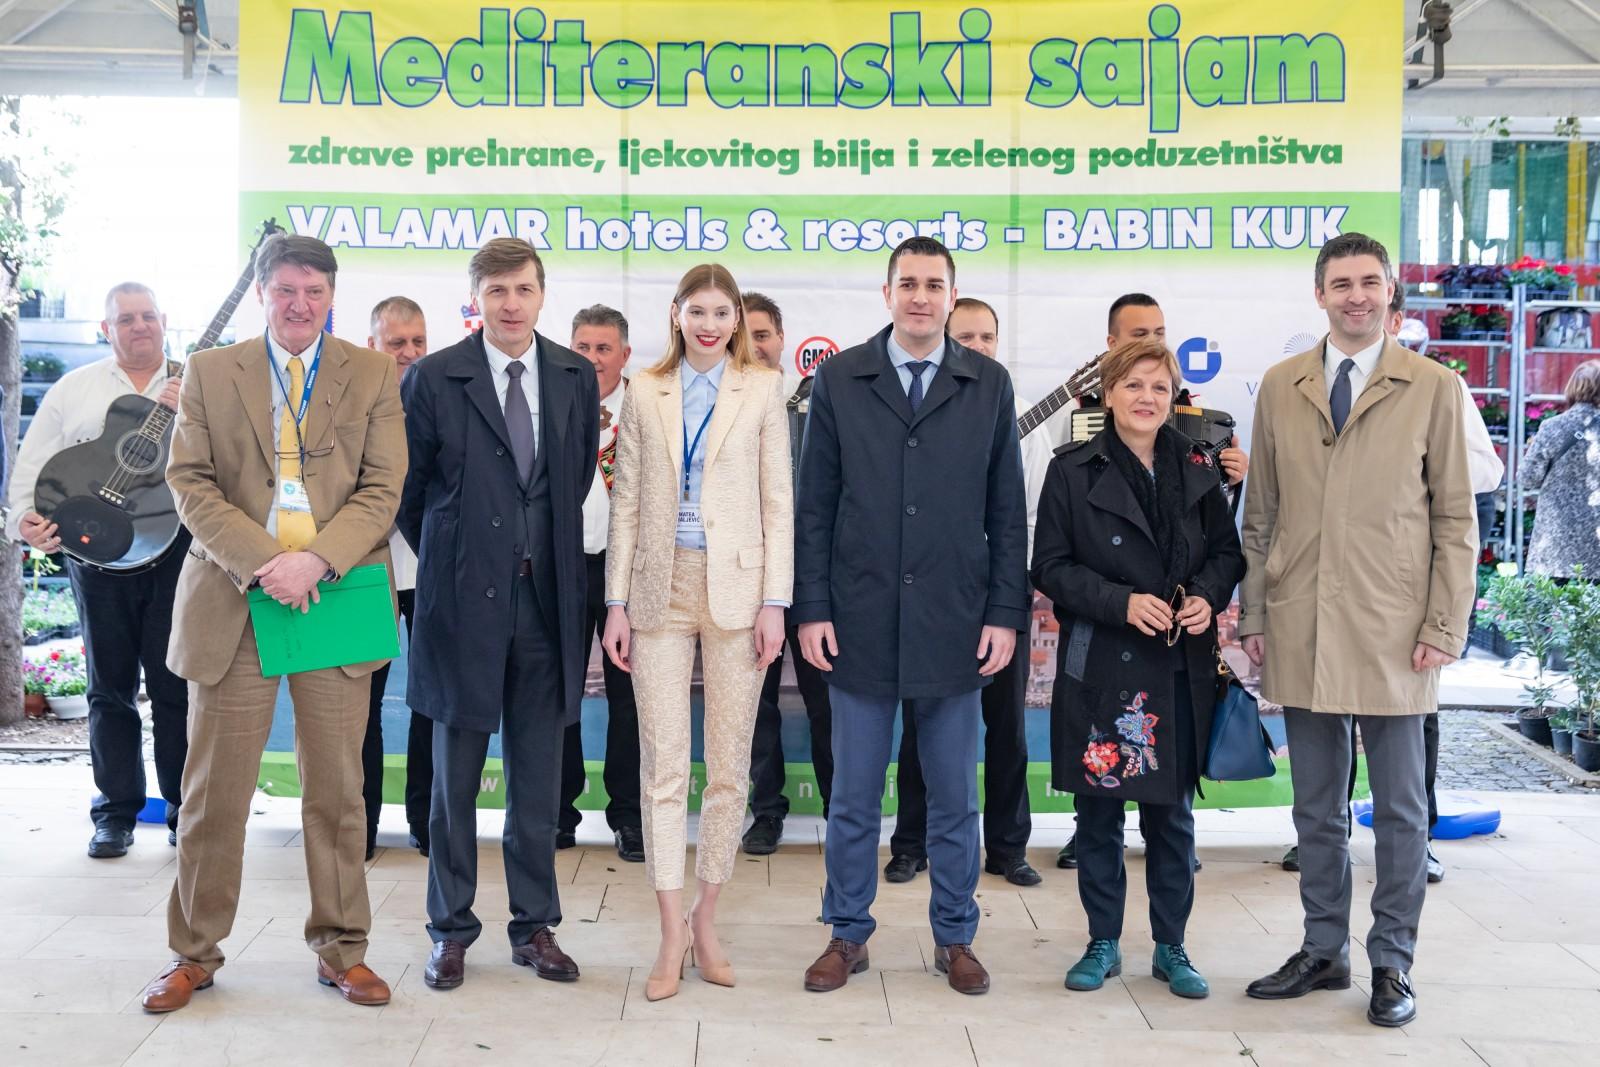 Gradonačelnik Franković otvorio 16. Mediteranski sajam zdrave prehrane, ljekovitog bilja i zelenog poduzetništva